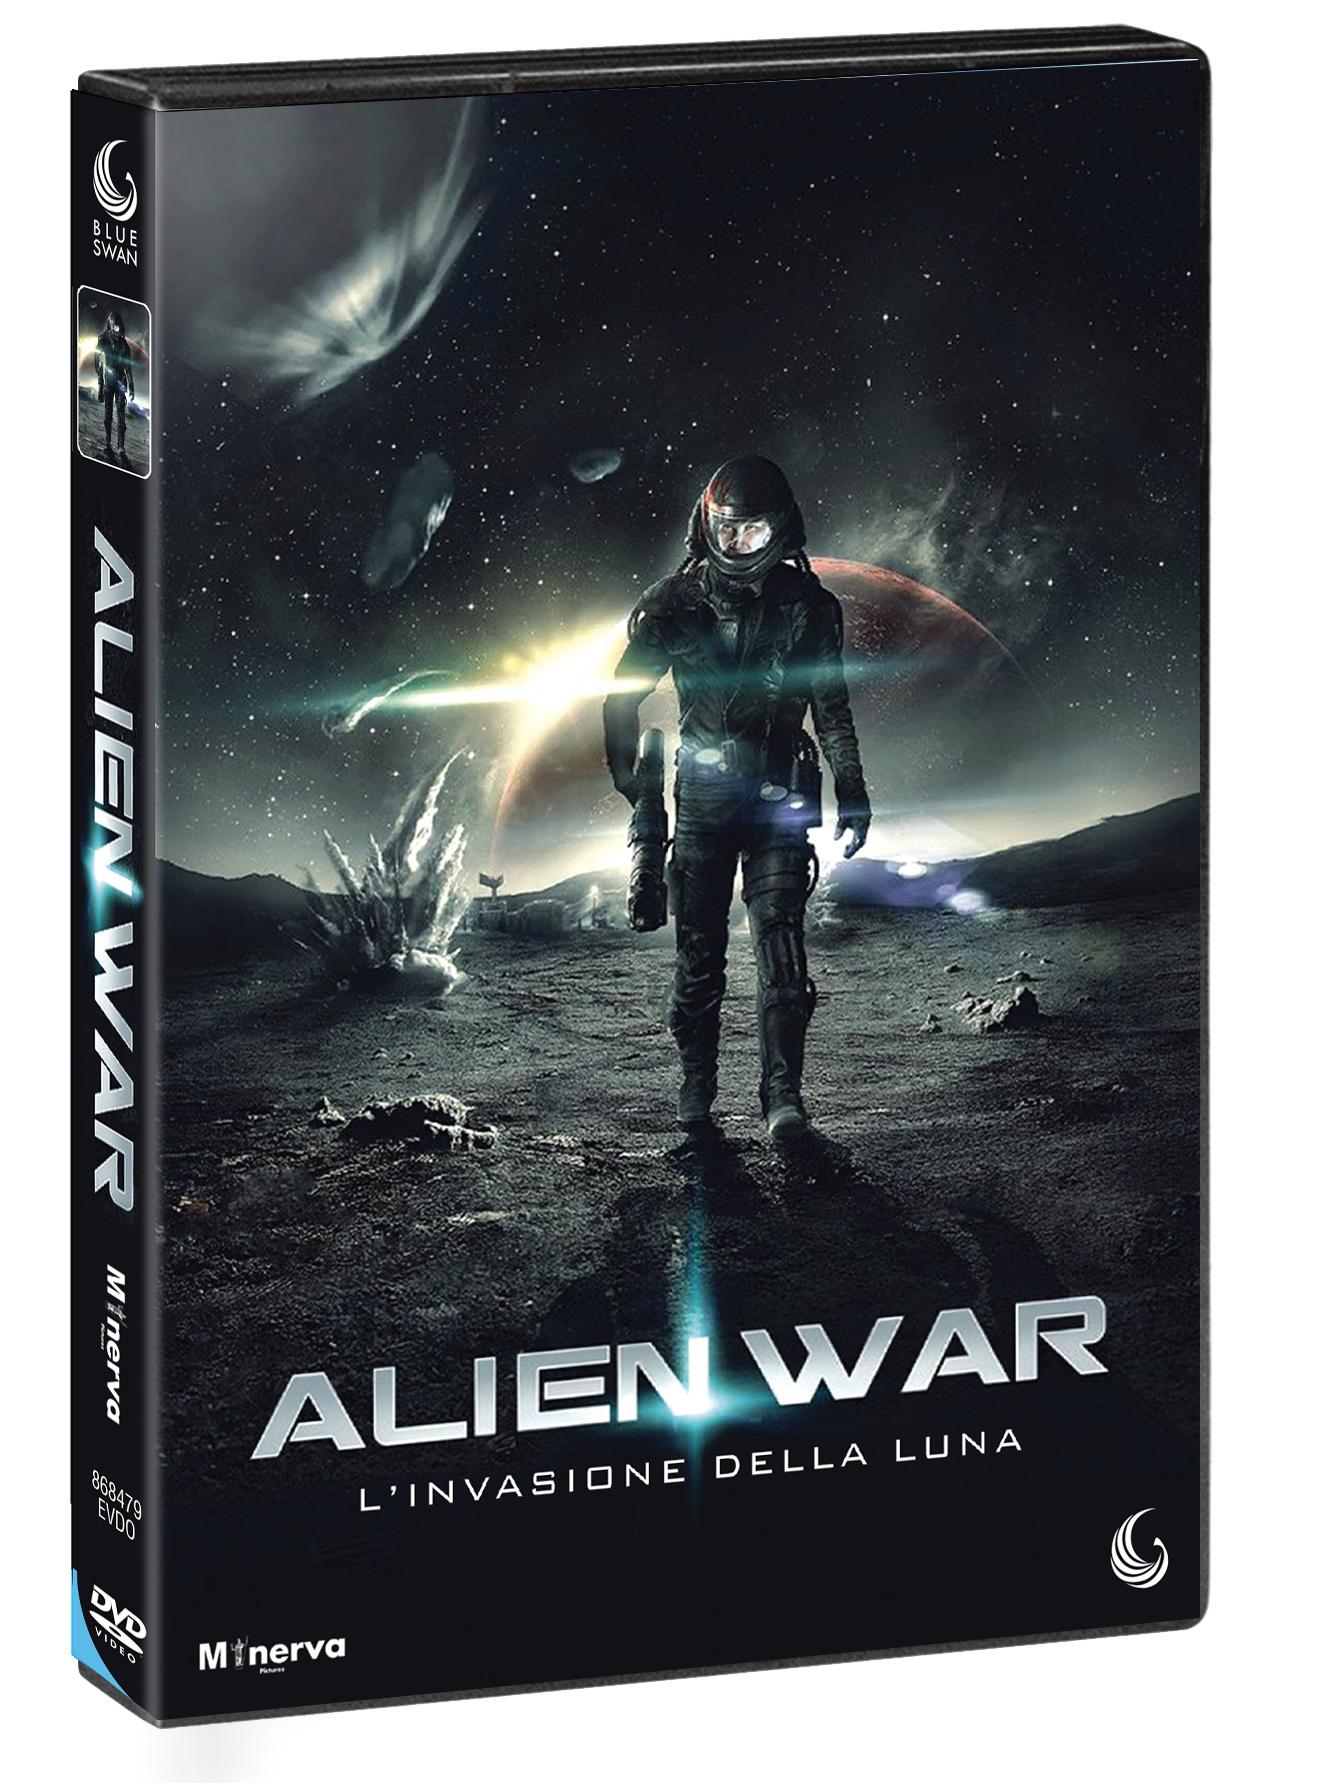 ALIEN WAR - L'INVASIONE DELLA LUNA (DVD)